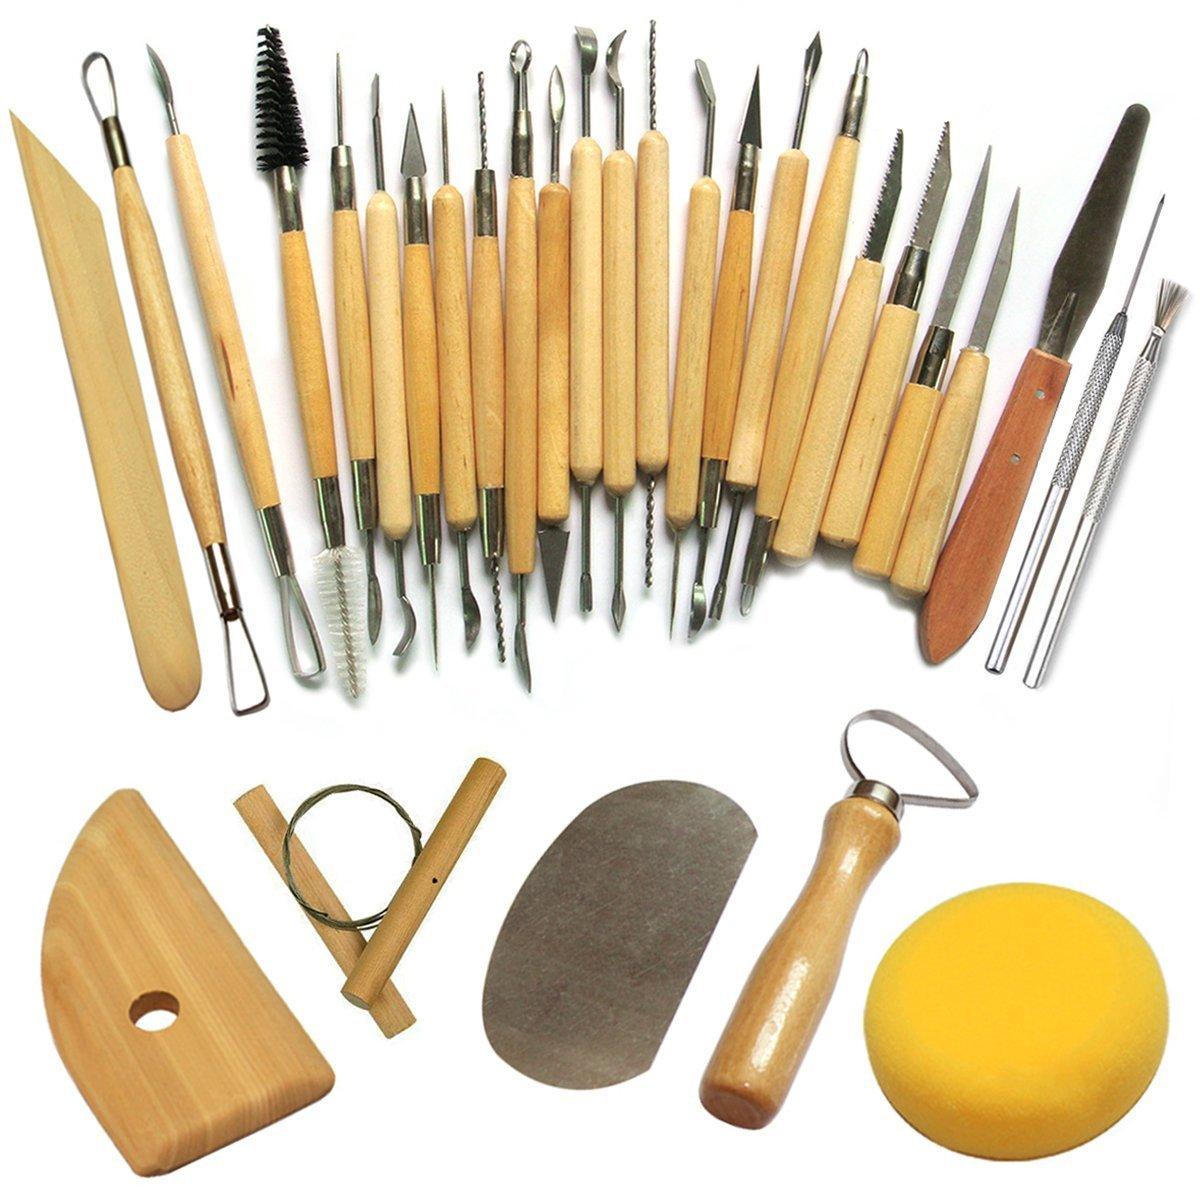 Amazon.de: Keramik Werkzeug, Cozyswan Neue 30pcs Tonwaren-Werkzeuge ...